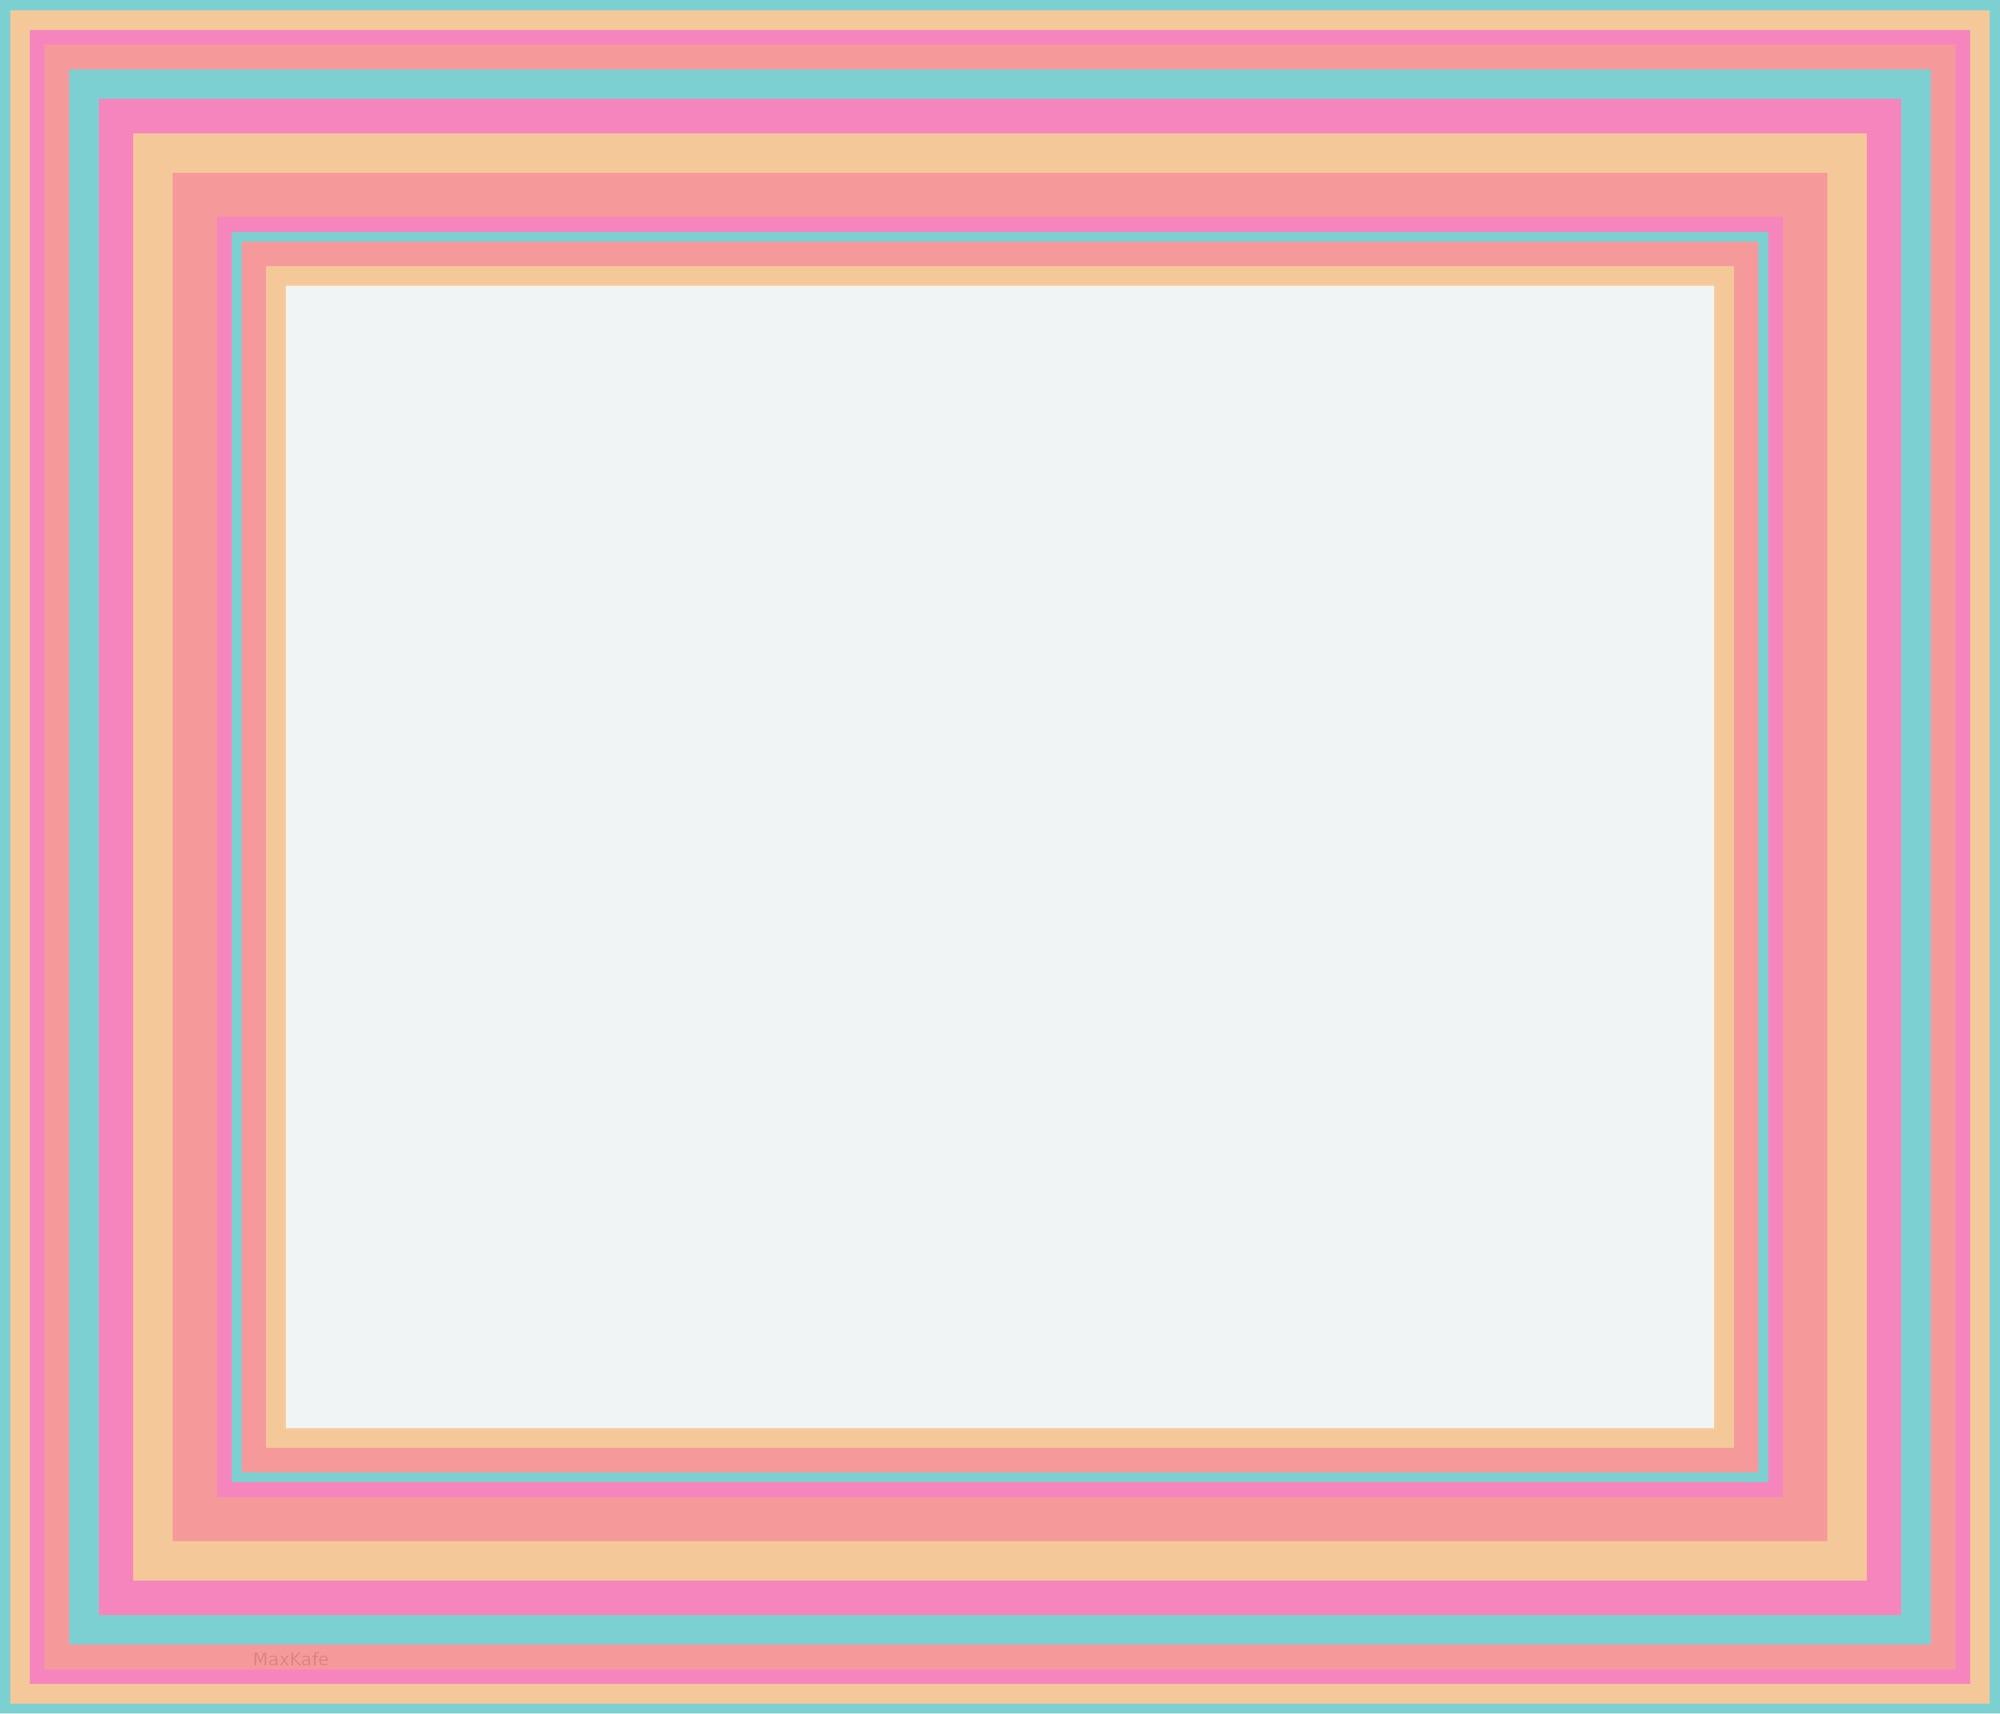 """MK16LFS117 Frame 6x7 Salmon Pink Beige Turquoise <a href=""""https://dl.orangedox.com/C8Tmjq"""">[DOWNLOAD]</a>"""